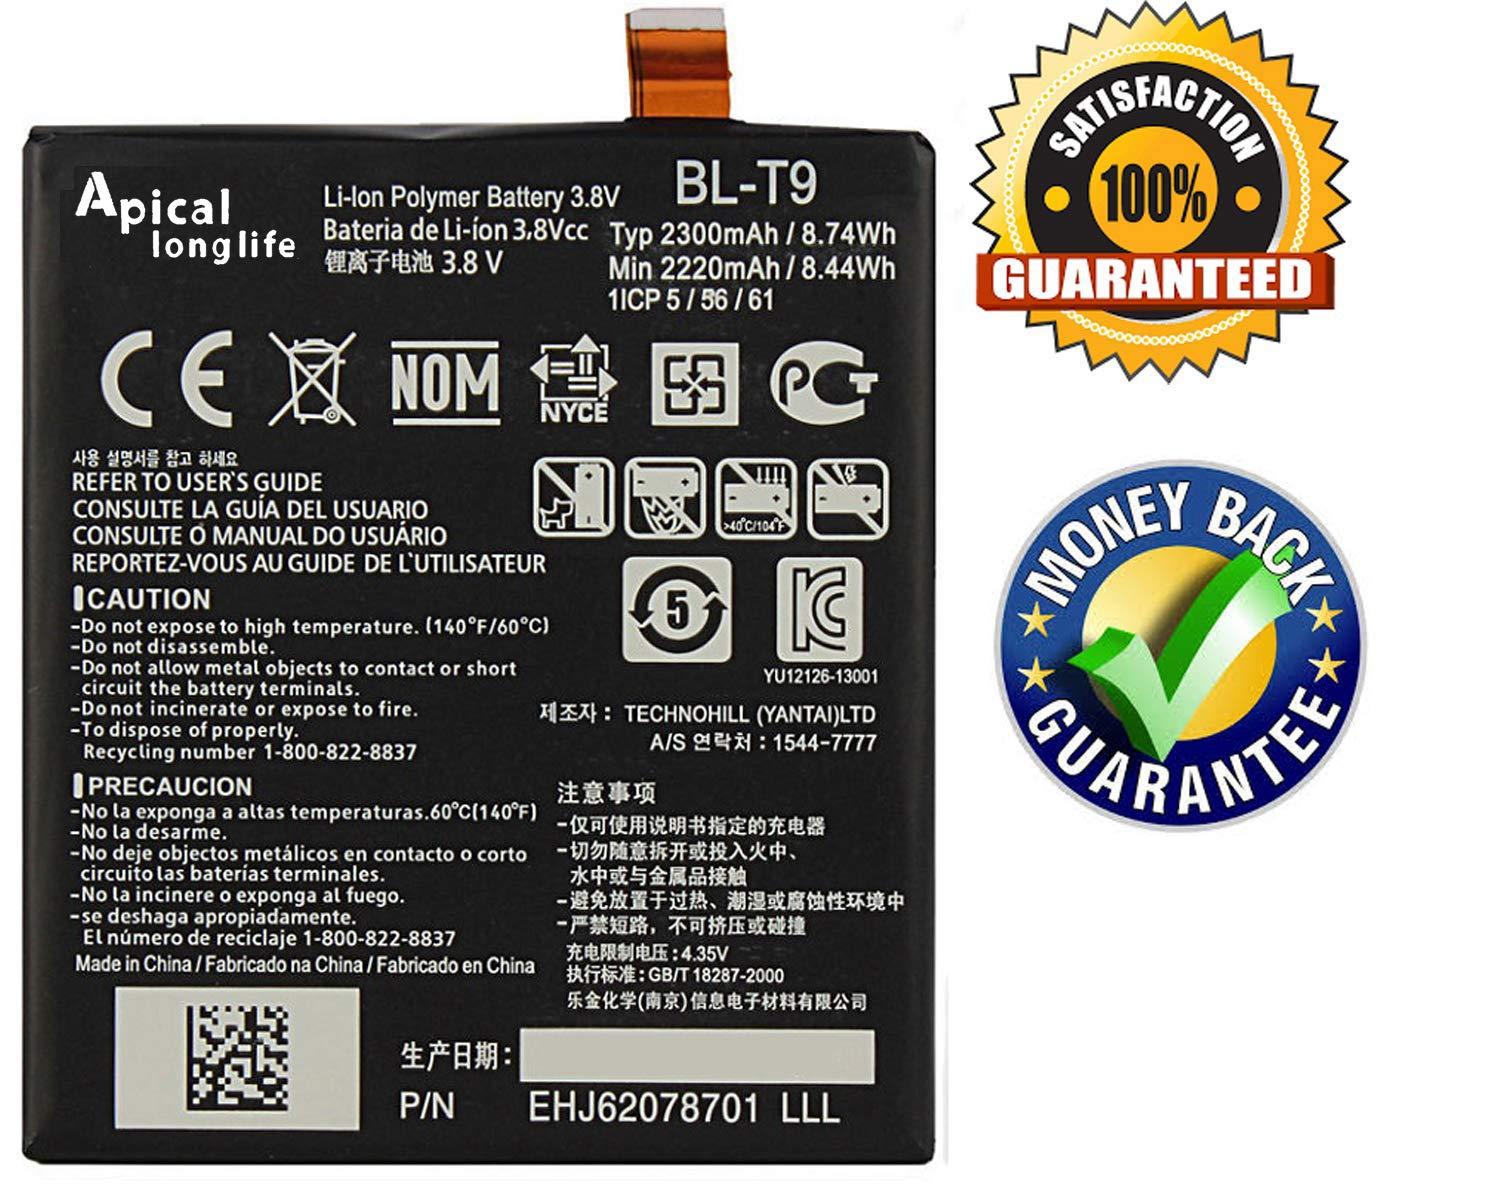 Bateria Celular LONGLIFE Compatible para Google Nexus 5 LG D820 D821 2300mAh BL T9 3.8V 8.74Wh Batería de repuesto